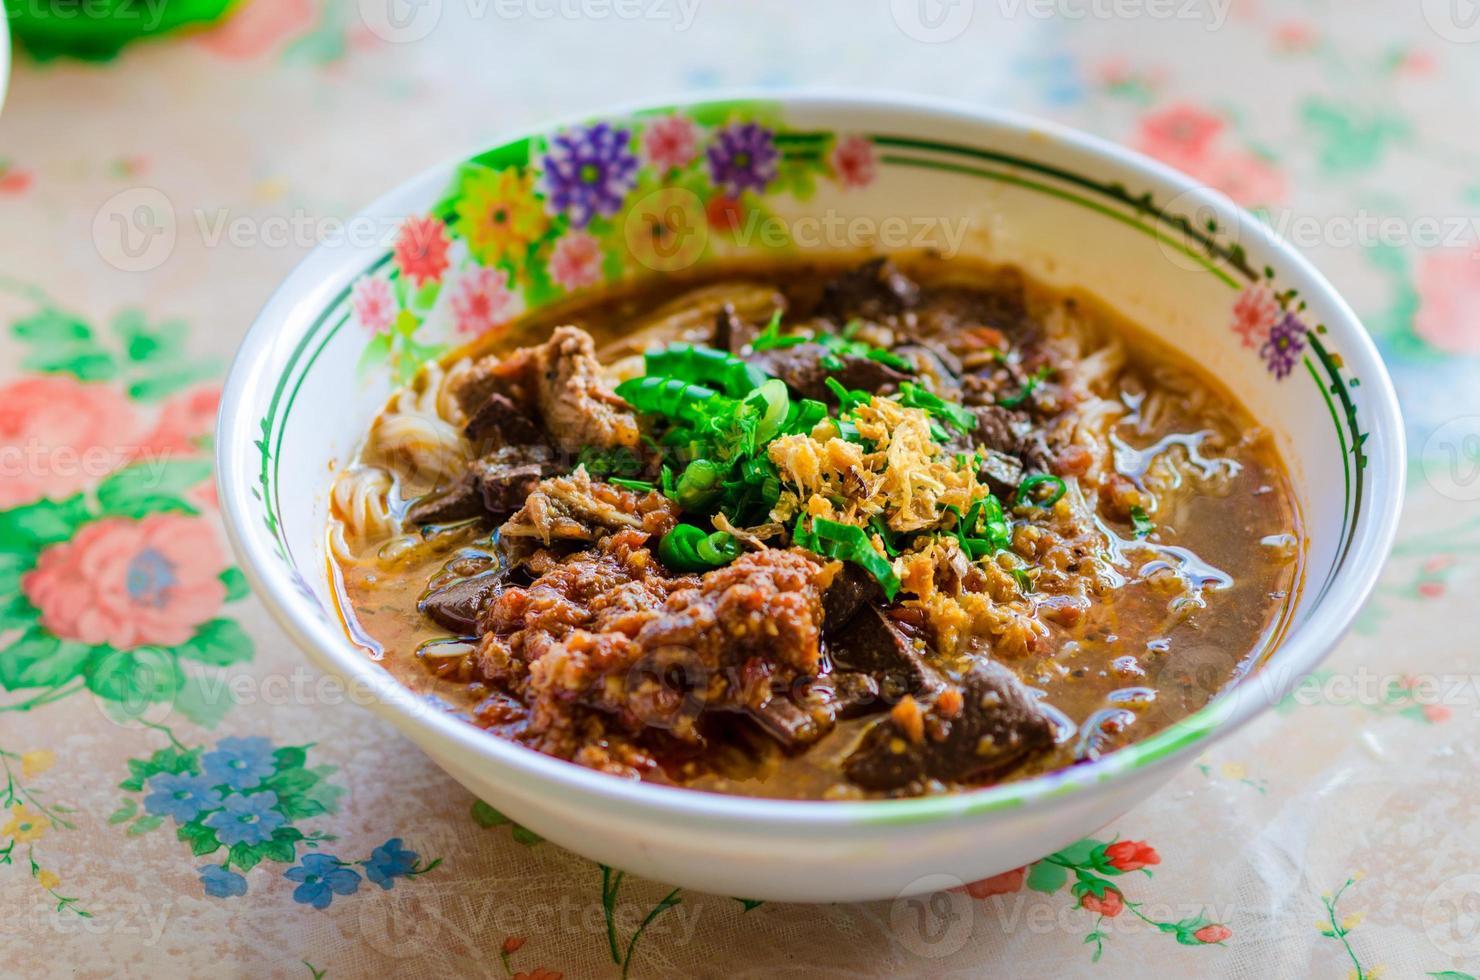 macarrão de arroz tailandês com curry picante foto